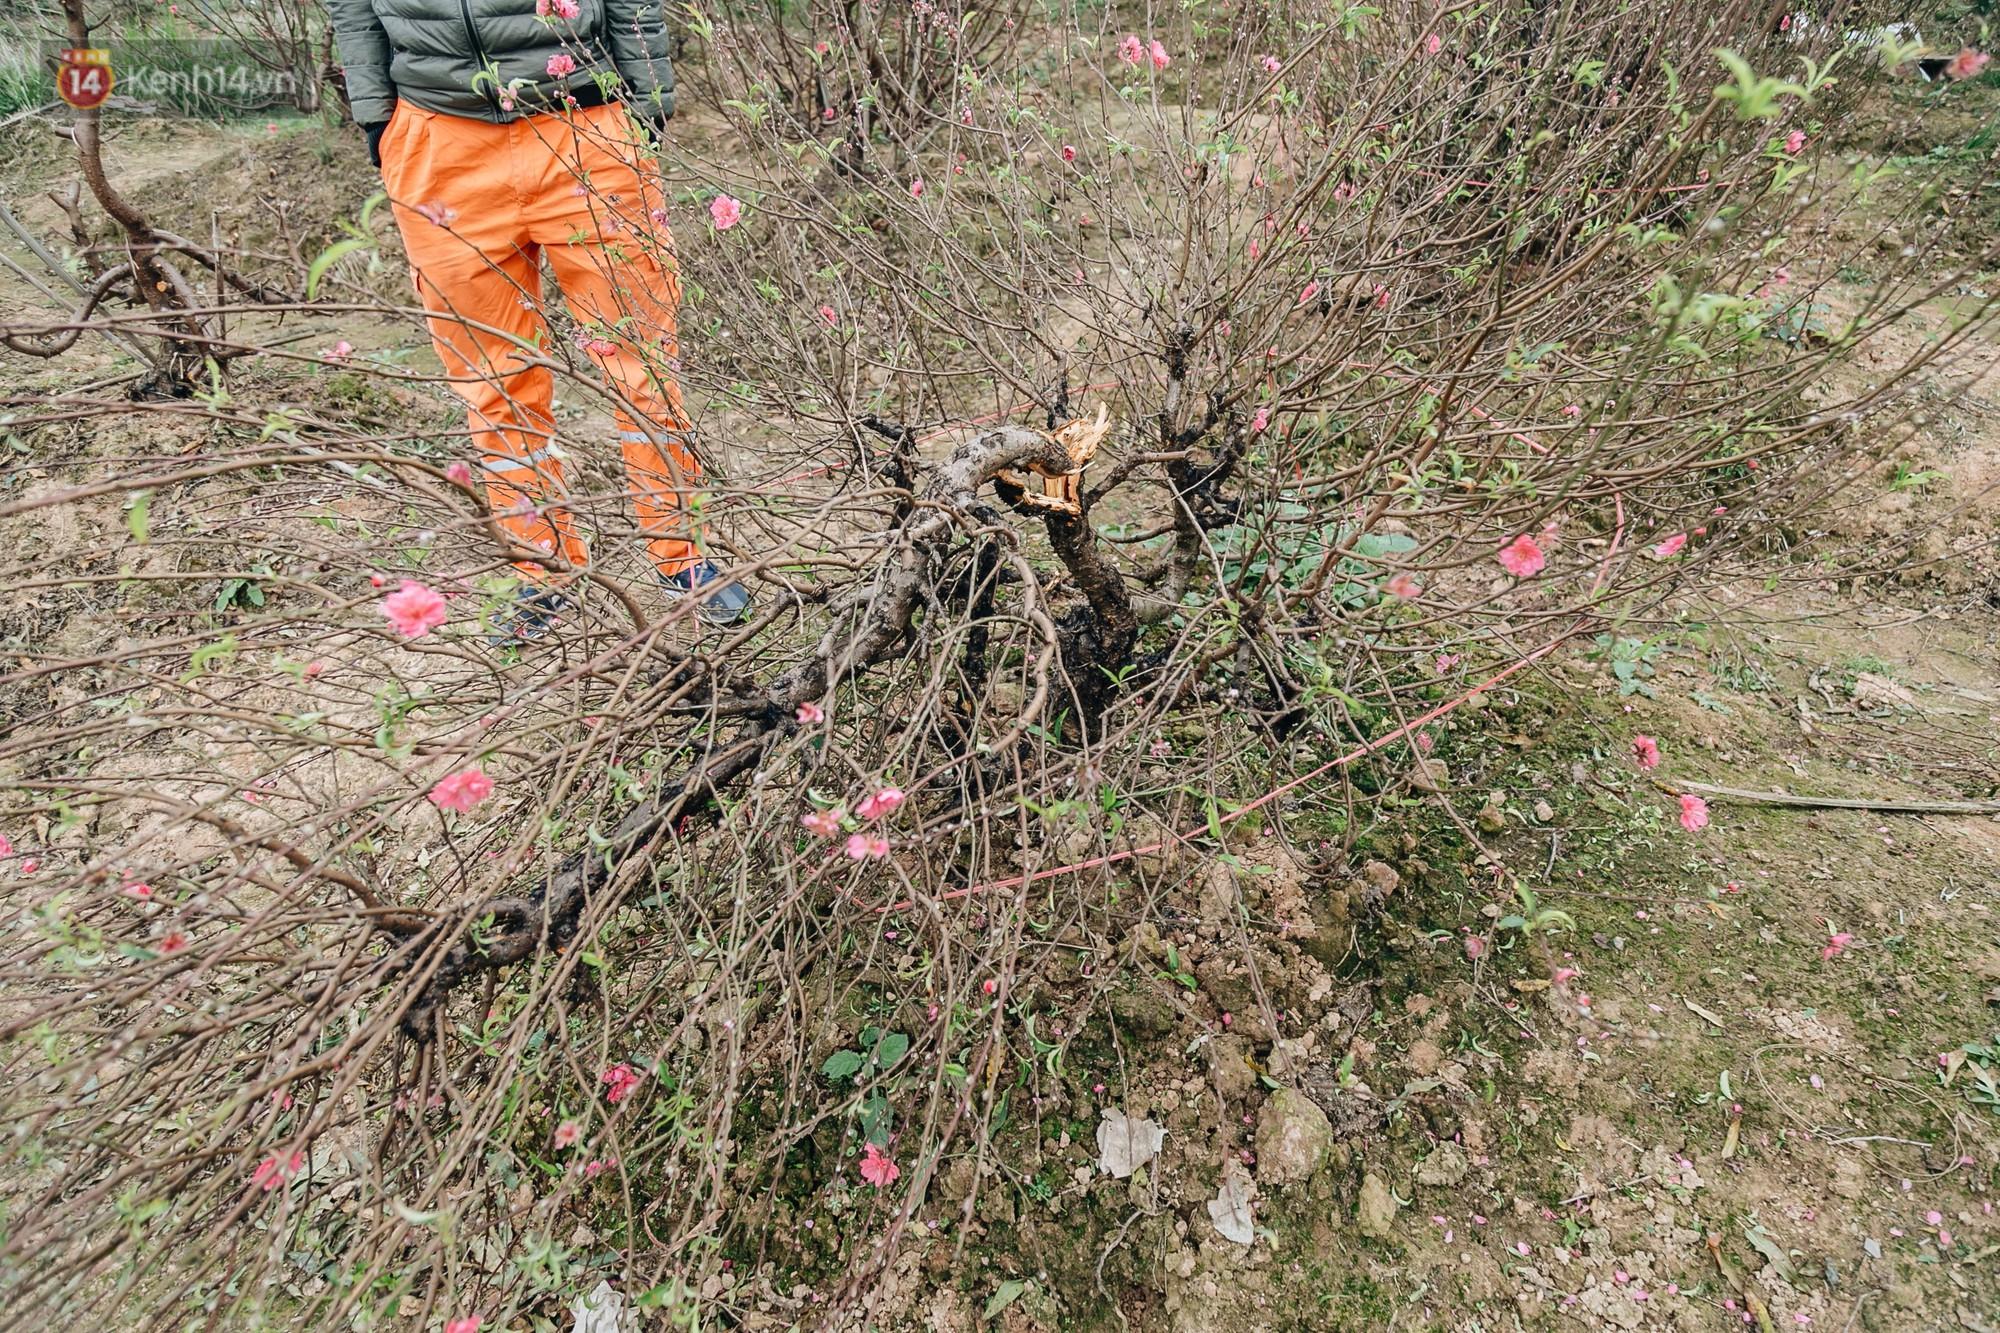 Gần 200 gốc đào của người dân Bắc Ninh bị chặt phá trong đêm: Tết năm nay còn chả có bánh chưng mà ăn - Ảnh 10.